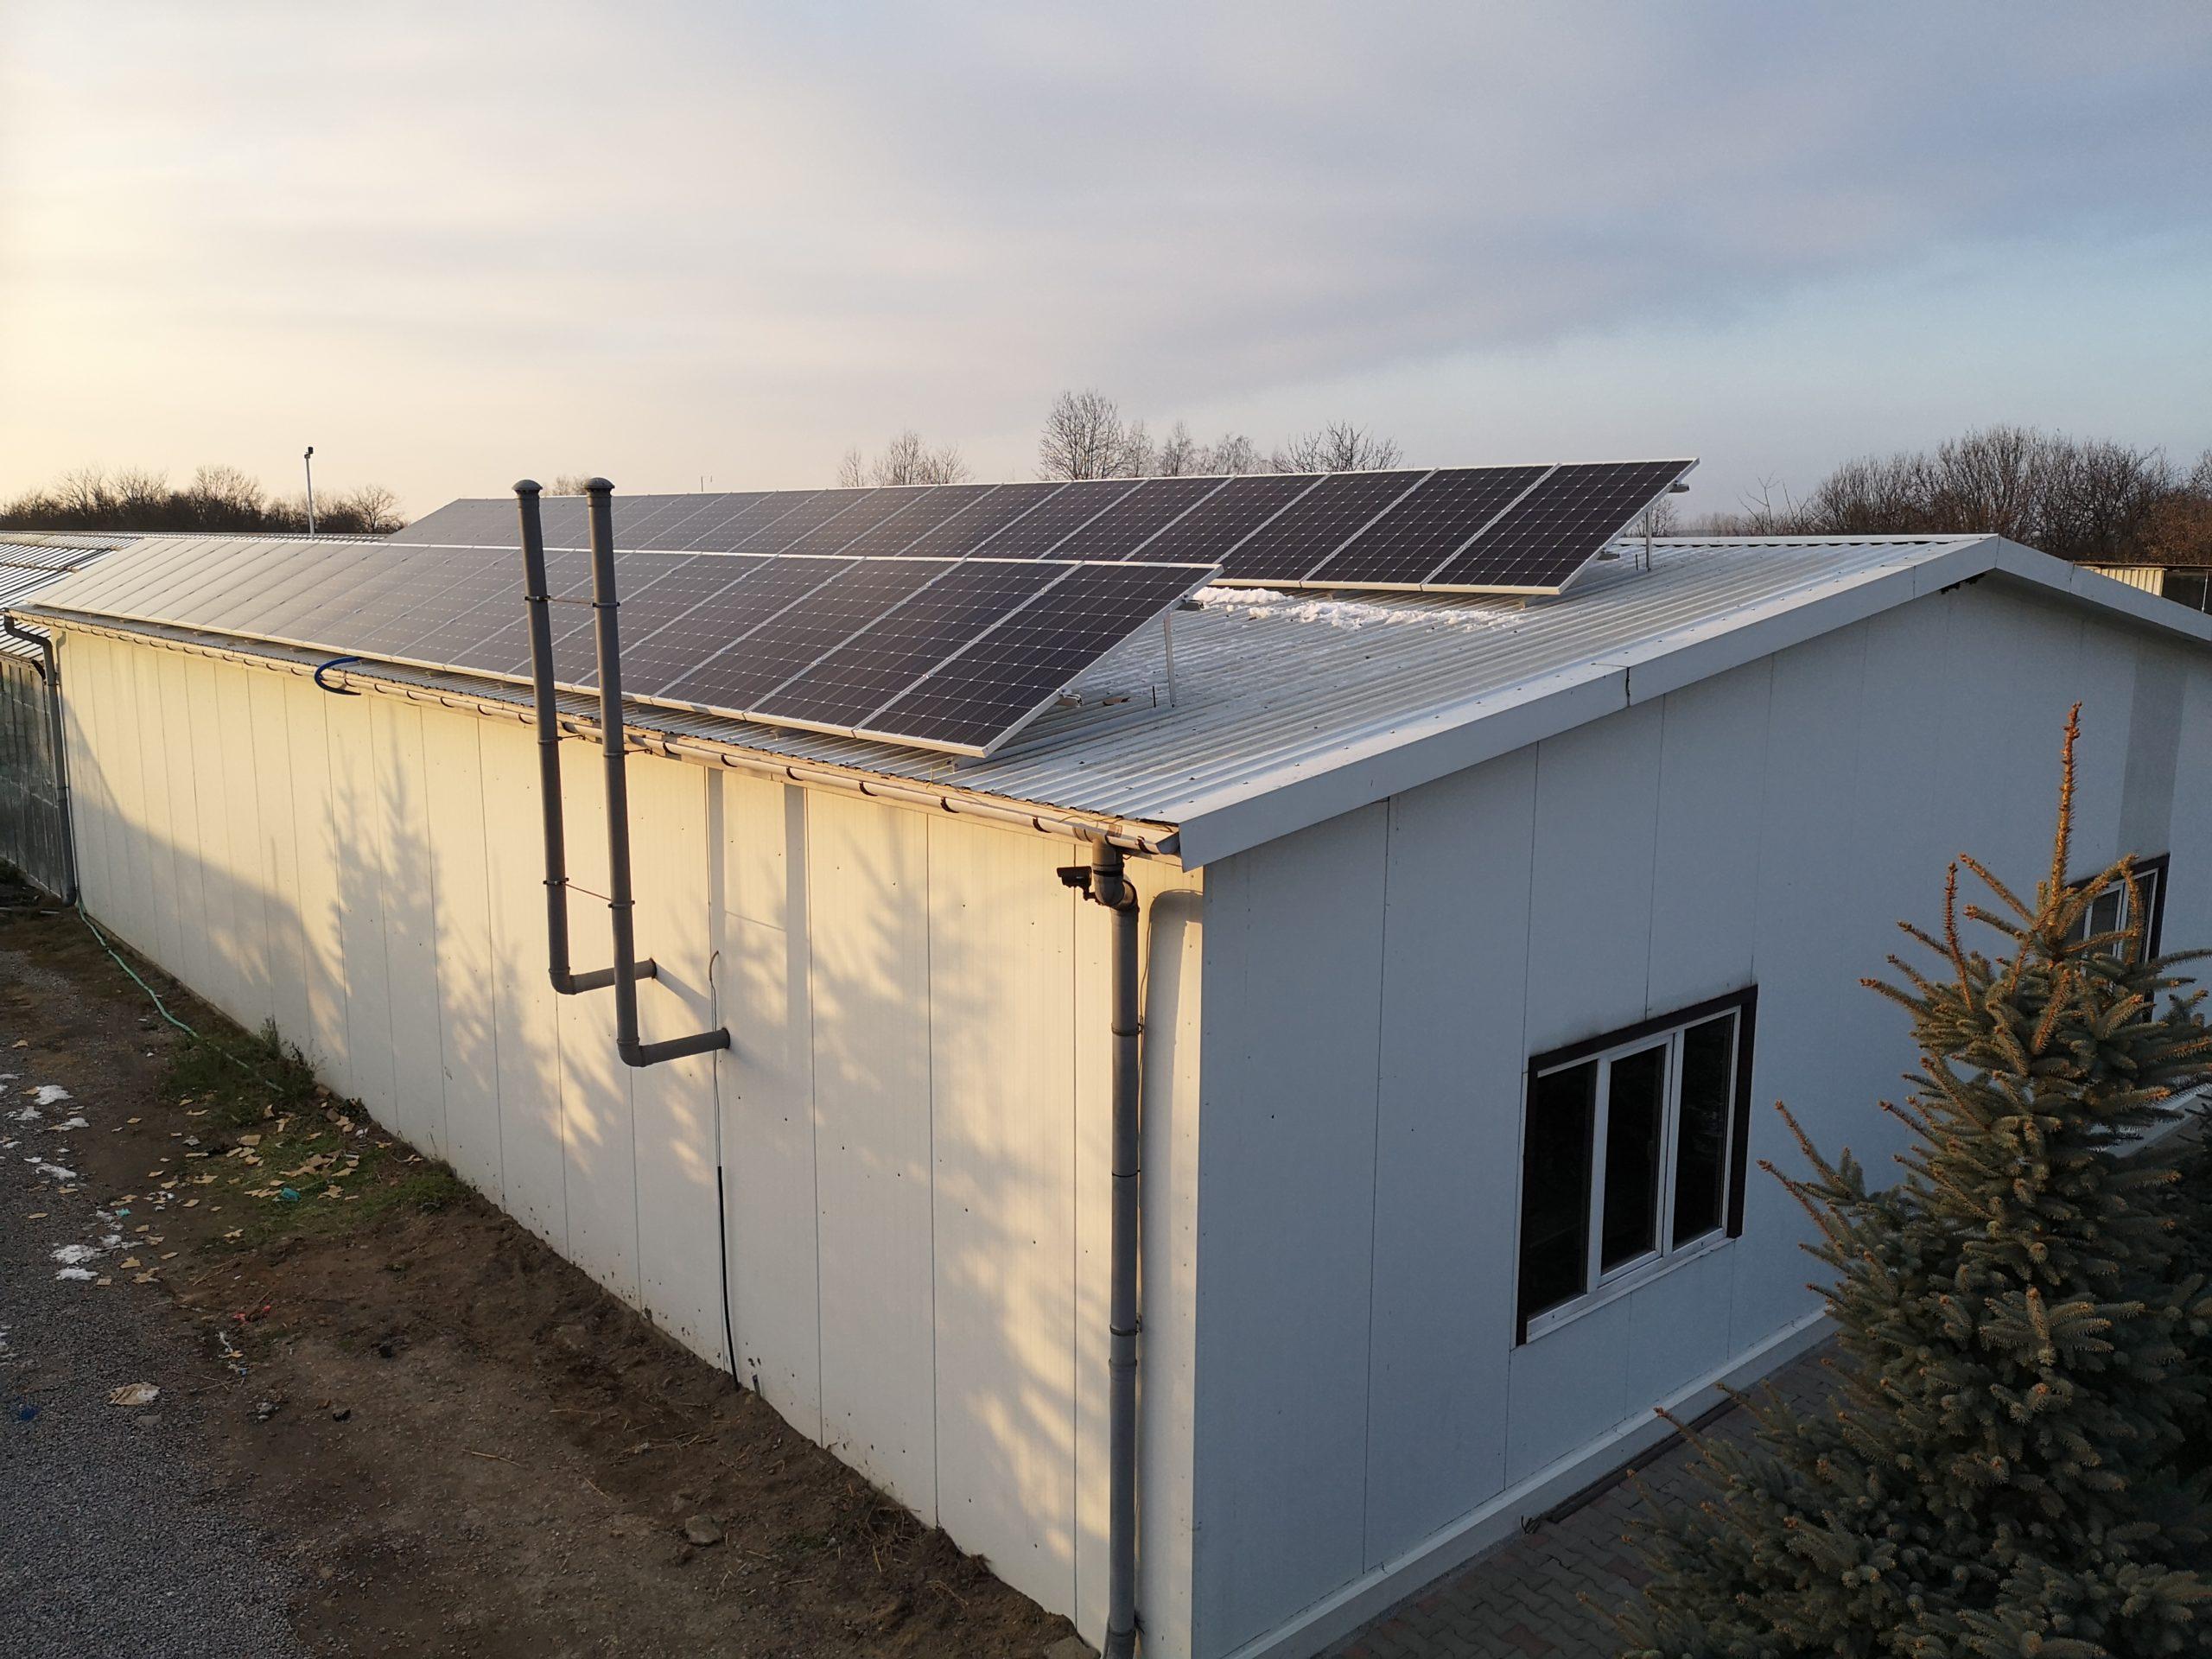 Poniatowa - 12 kWp, moduły monokrystaliczne Bruk-Bet Solar 300W